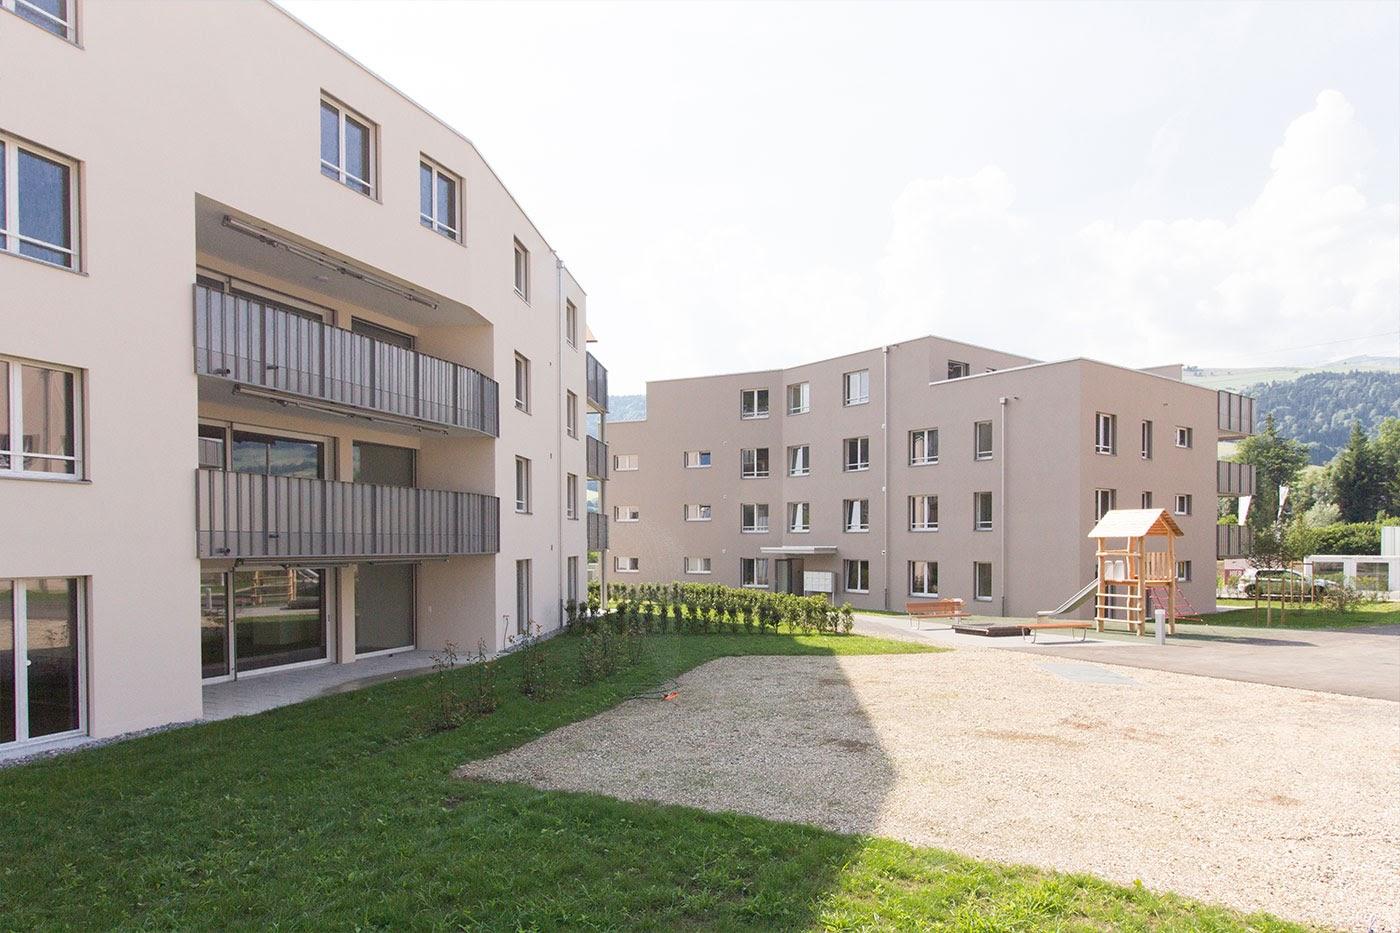 Wohnung zu vermieten - Rothenstrasse 34, 6102 Malters - 1.5